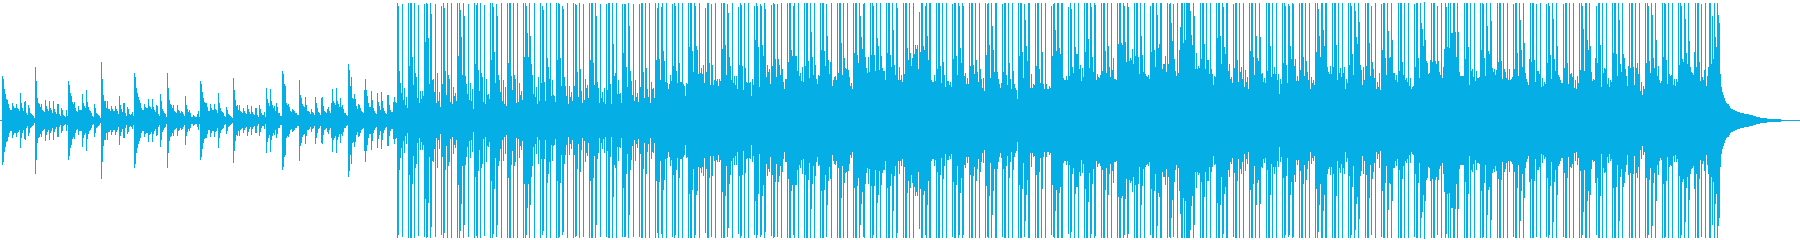 喪失感が溢れるようなピアノとストリングスの再生済みの波形